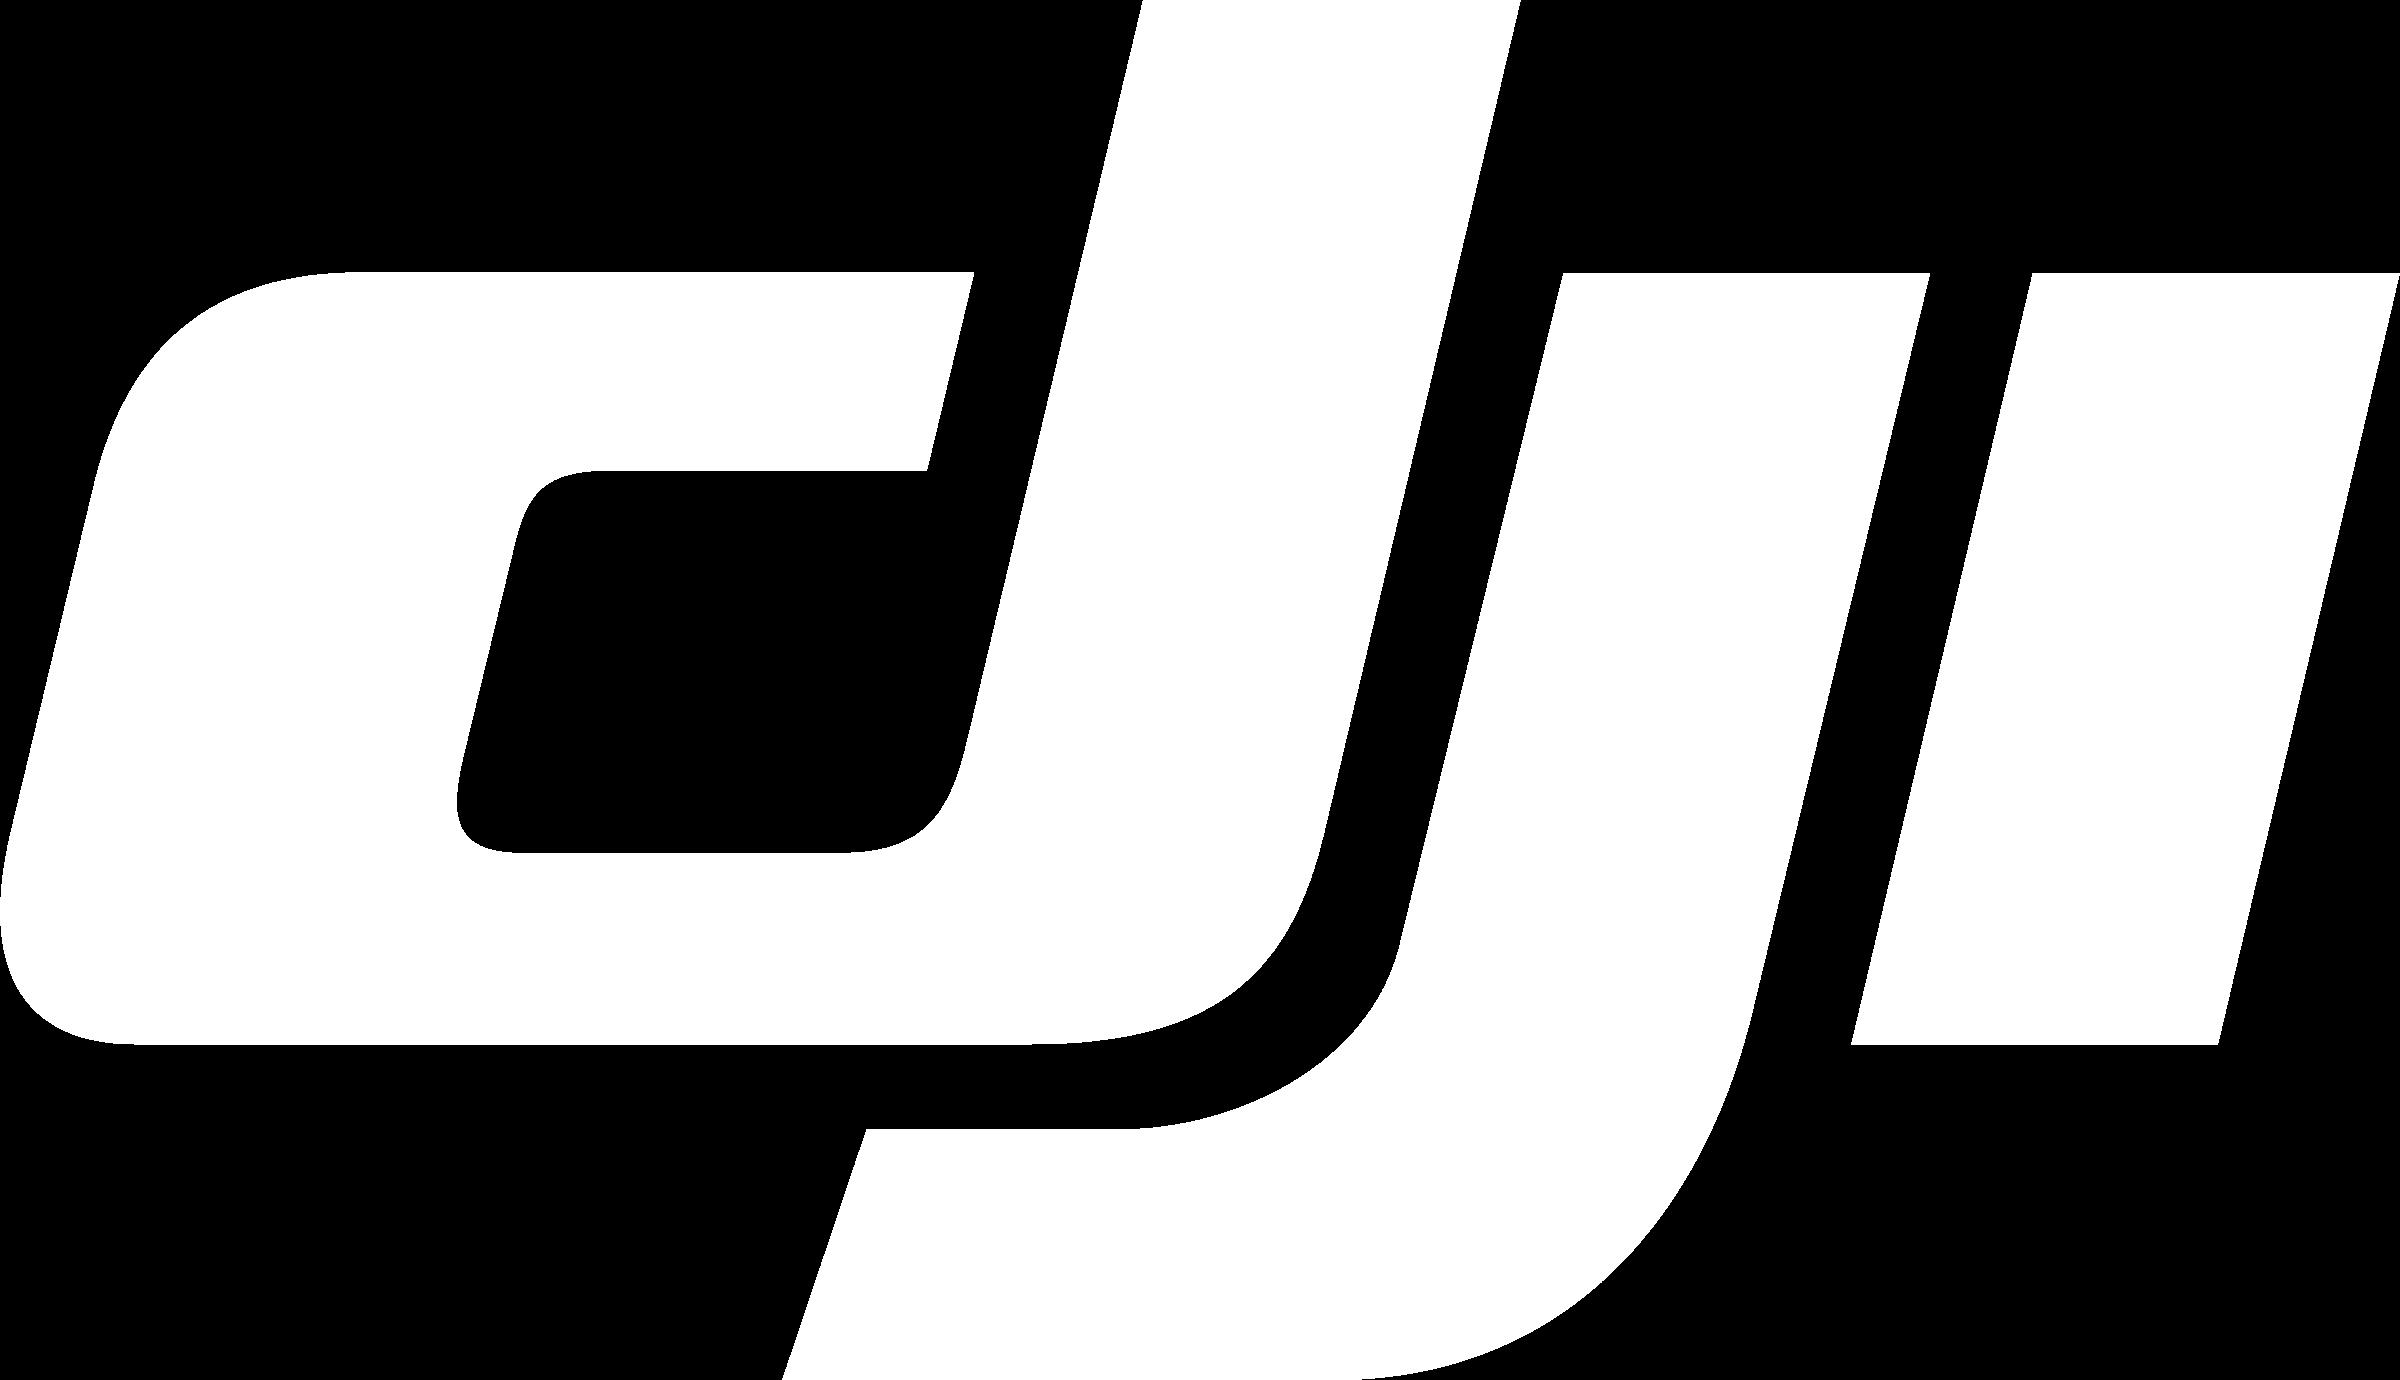 Anyone have a white DJI Logo?.